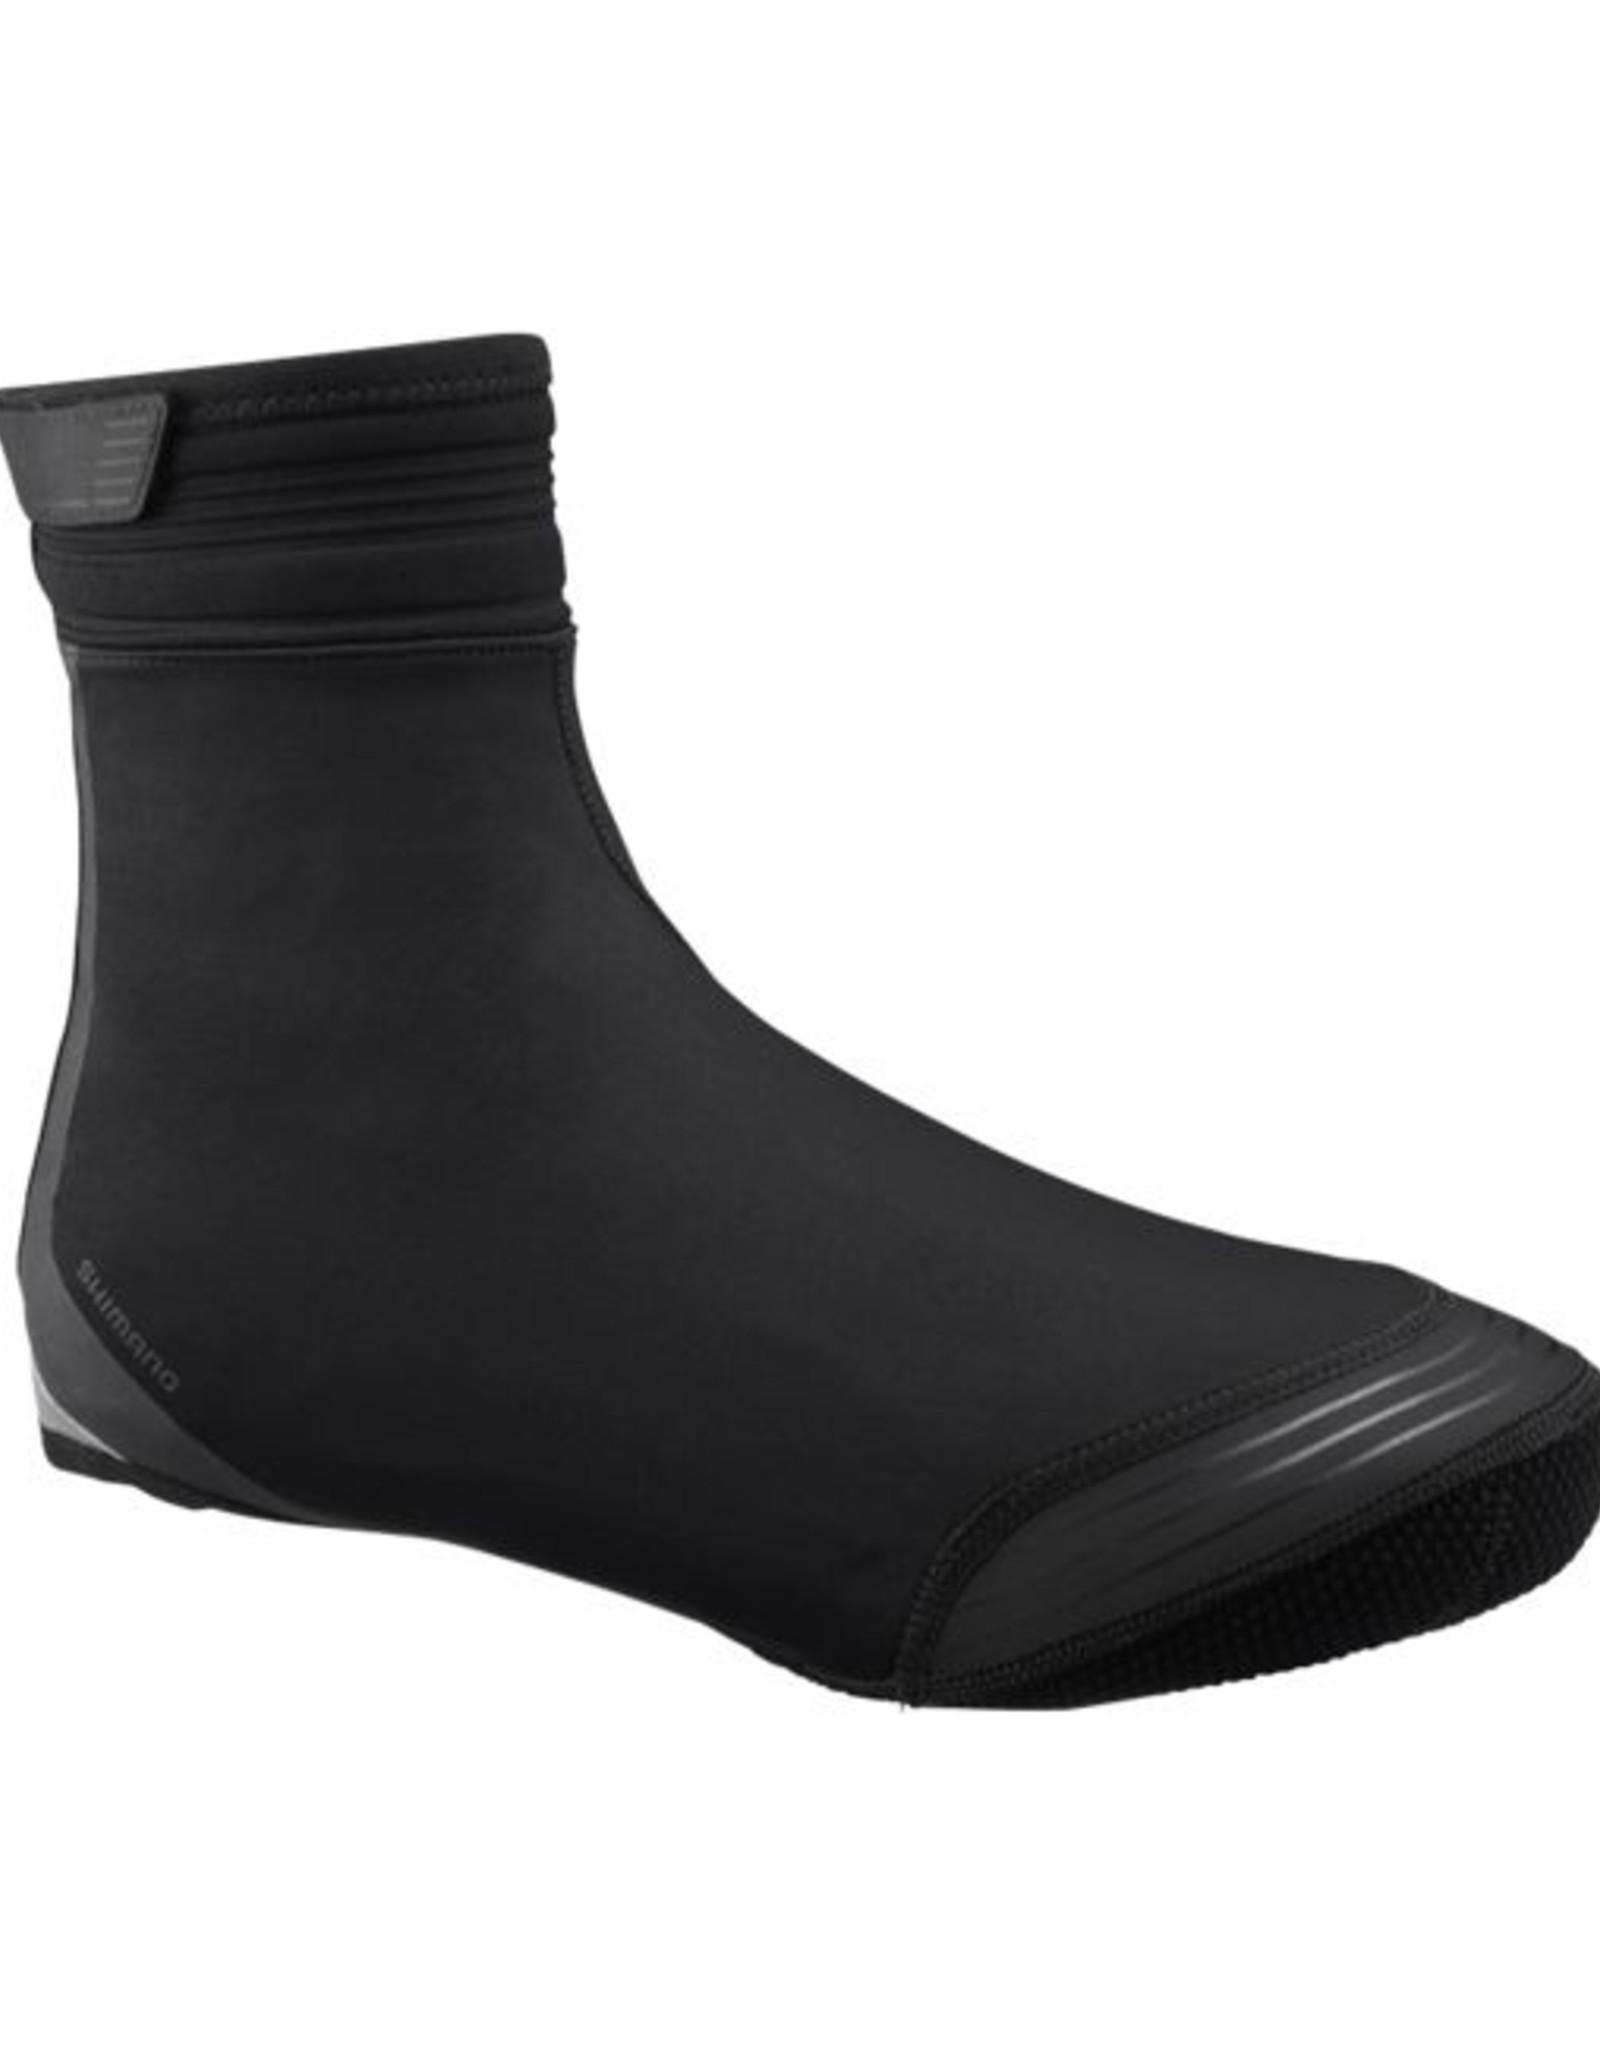 Shimano Shimano Soft Shell Shoe Cover